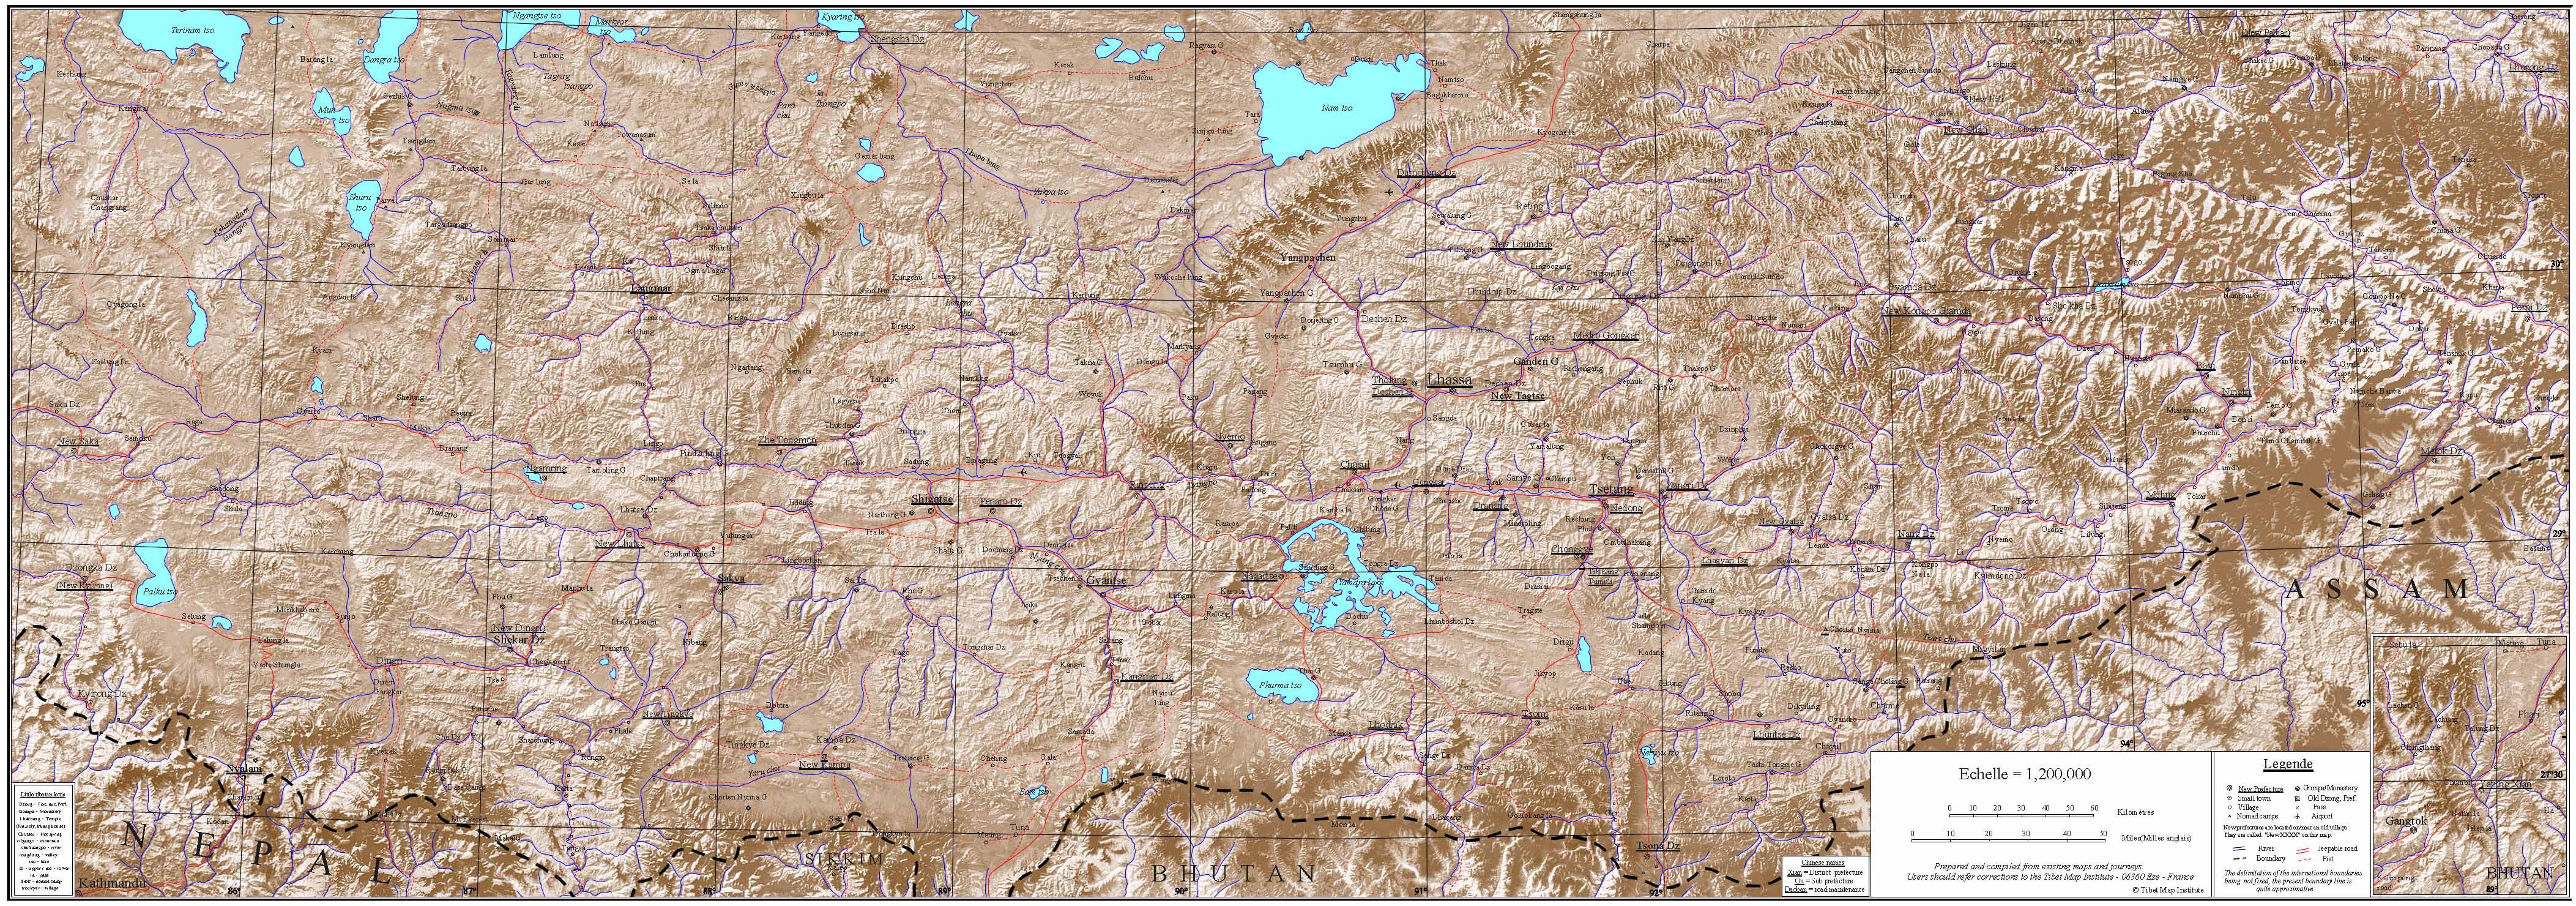 Подробная туристическая карта Тибета с рельефом местности